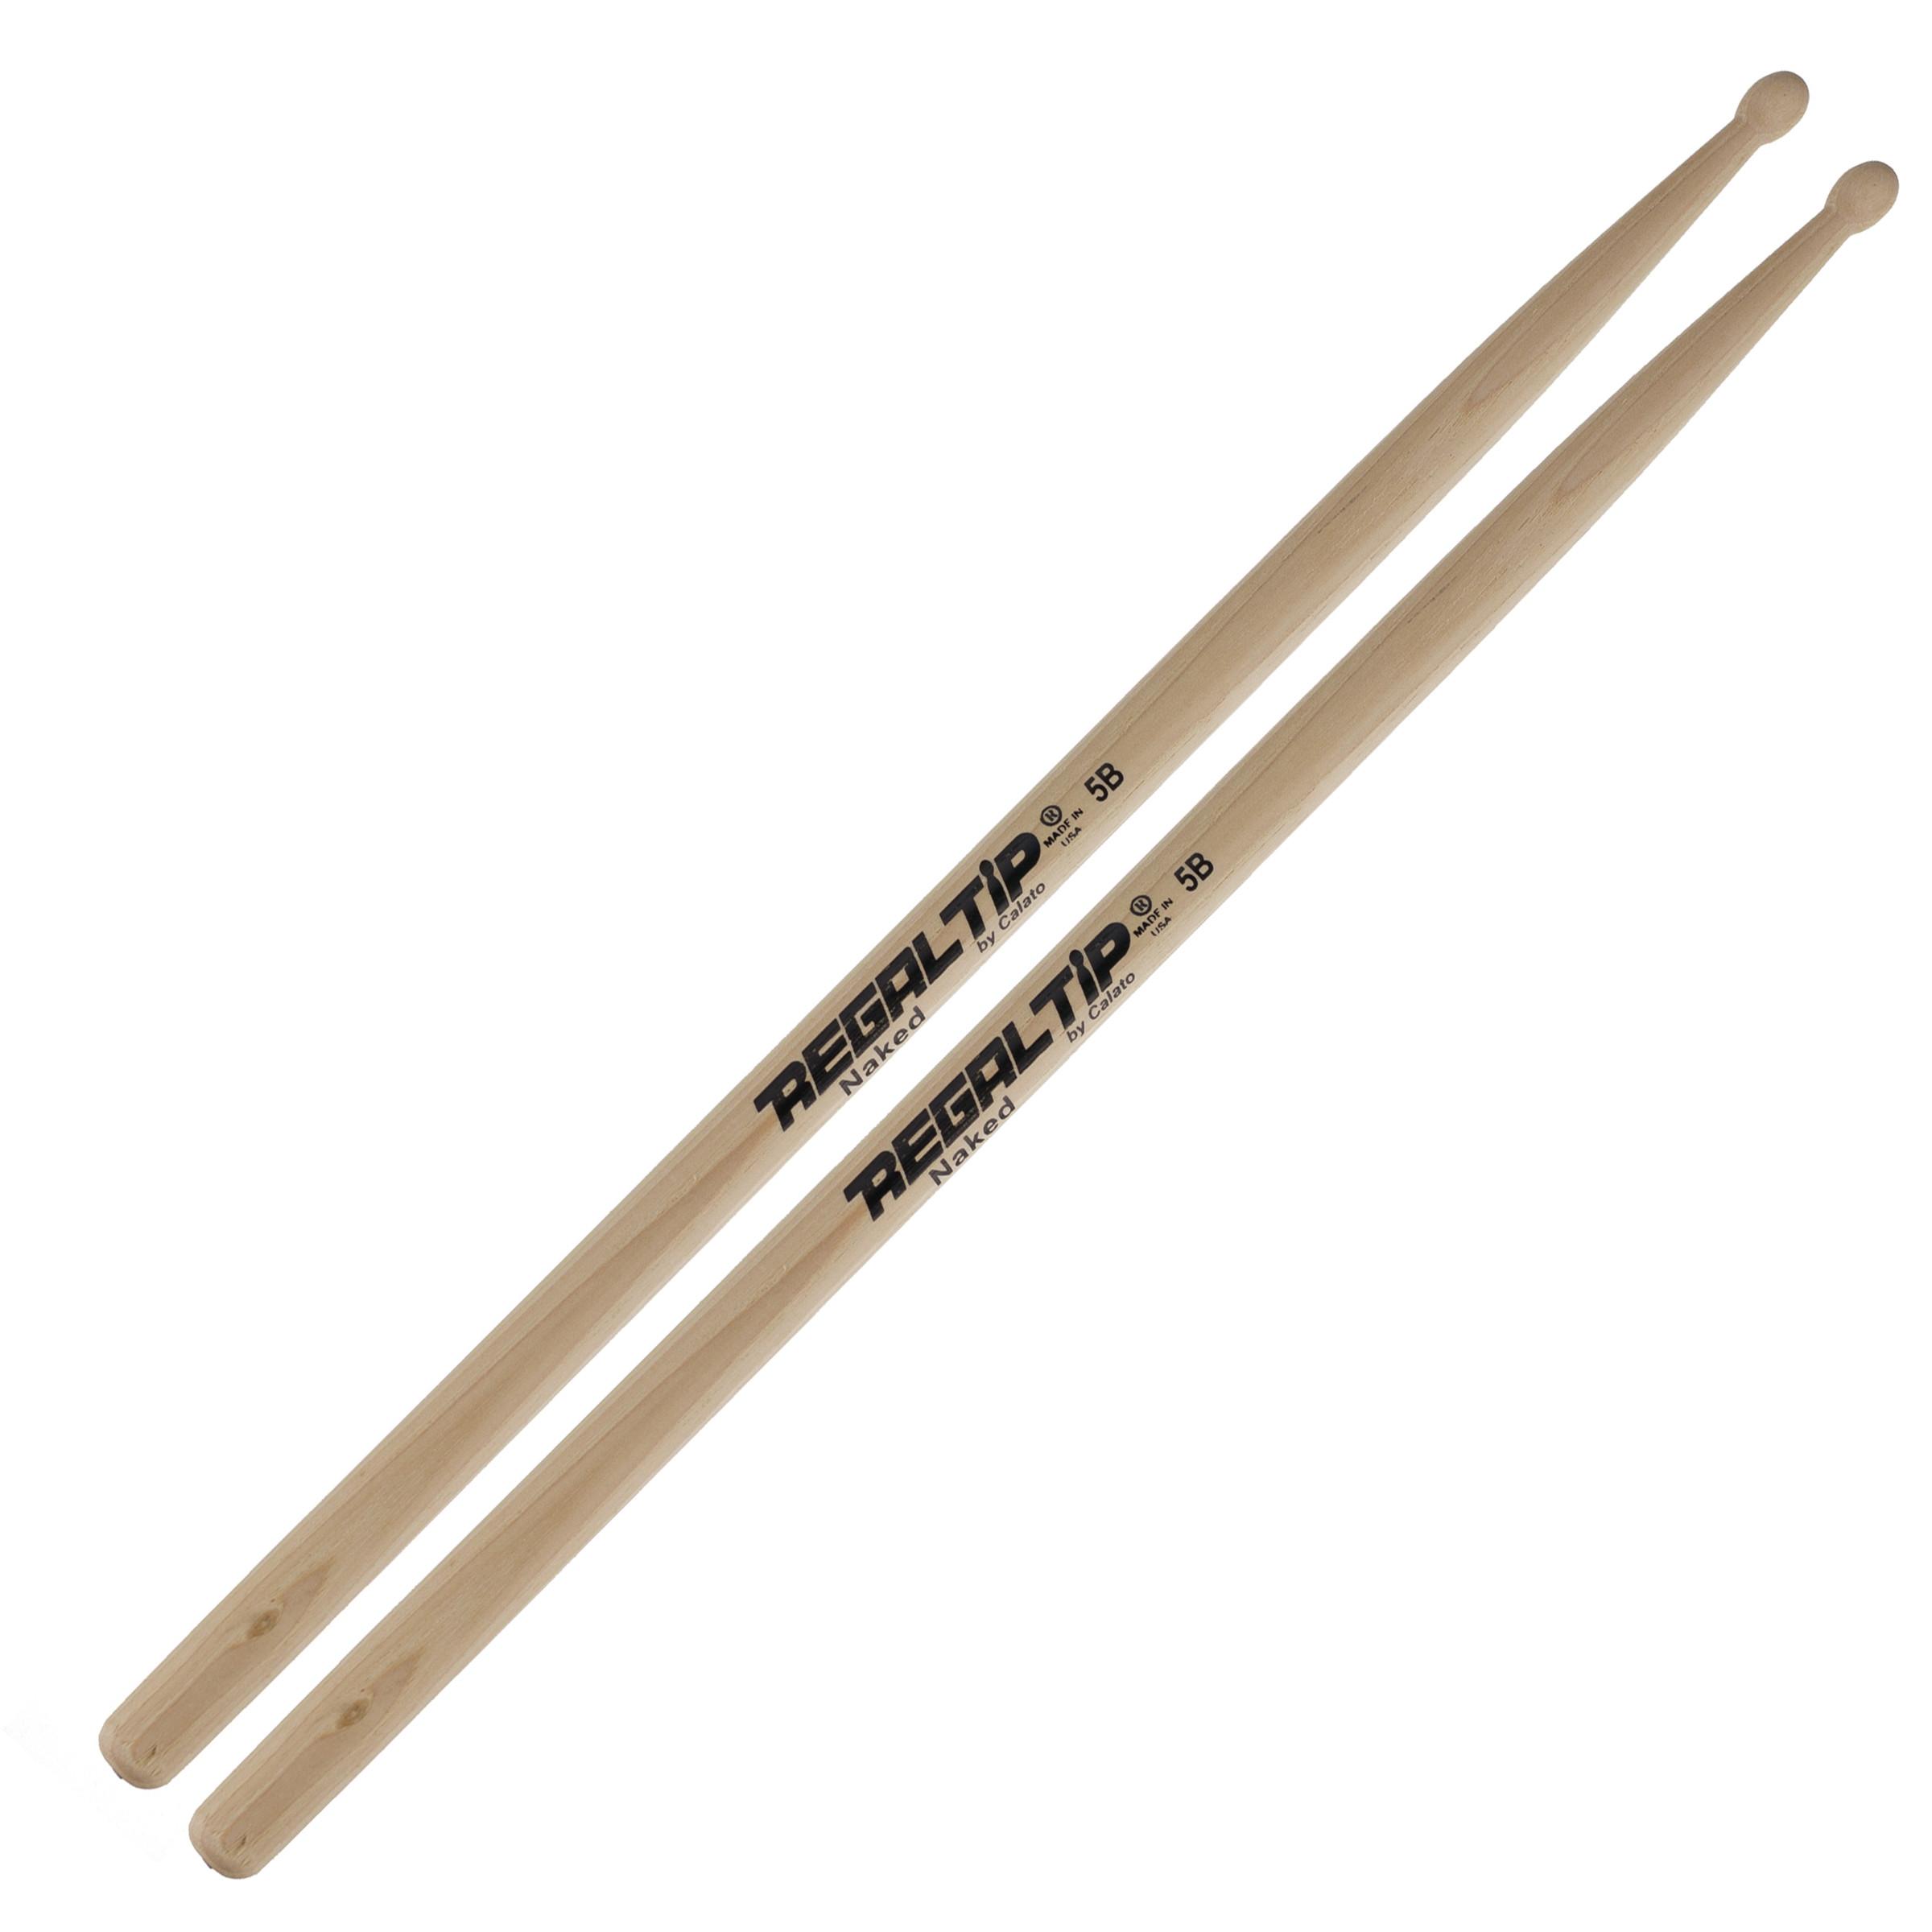 Regal Tip 5B Naked Series Drum Sticks Drums on SALE